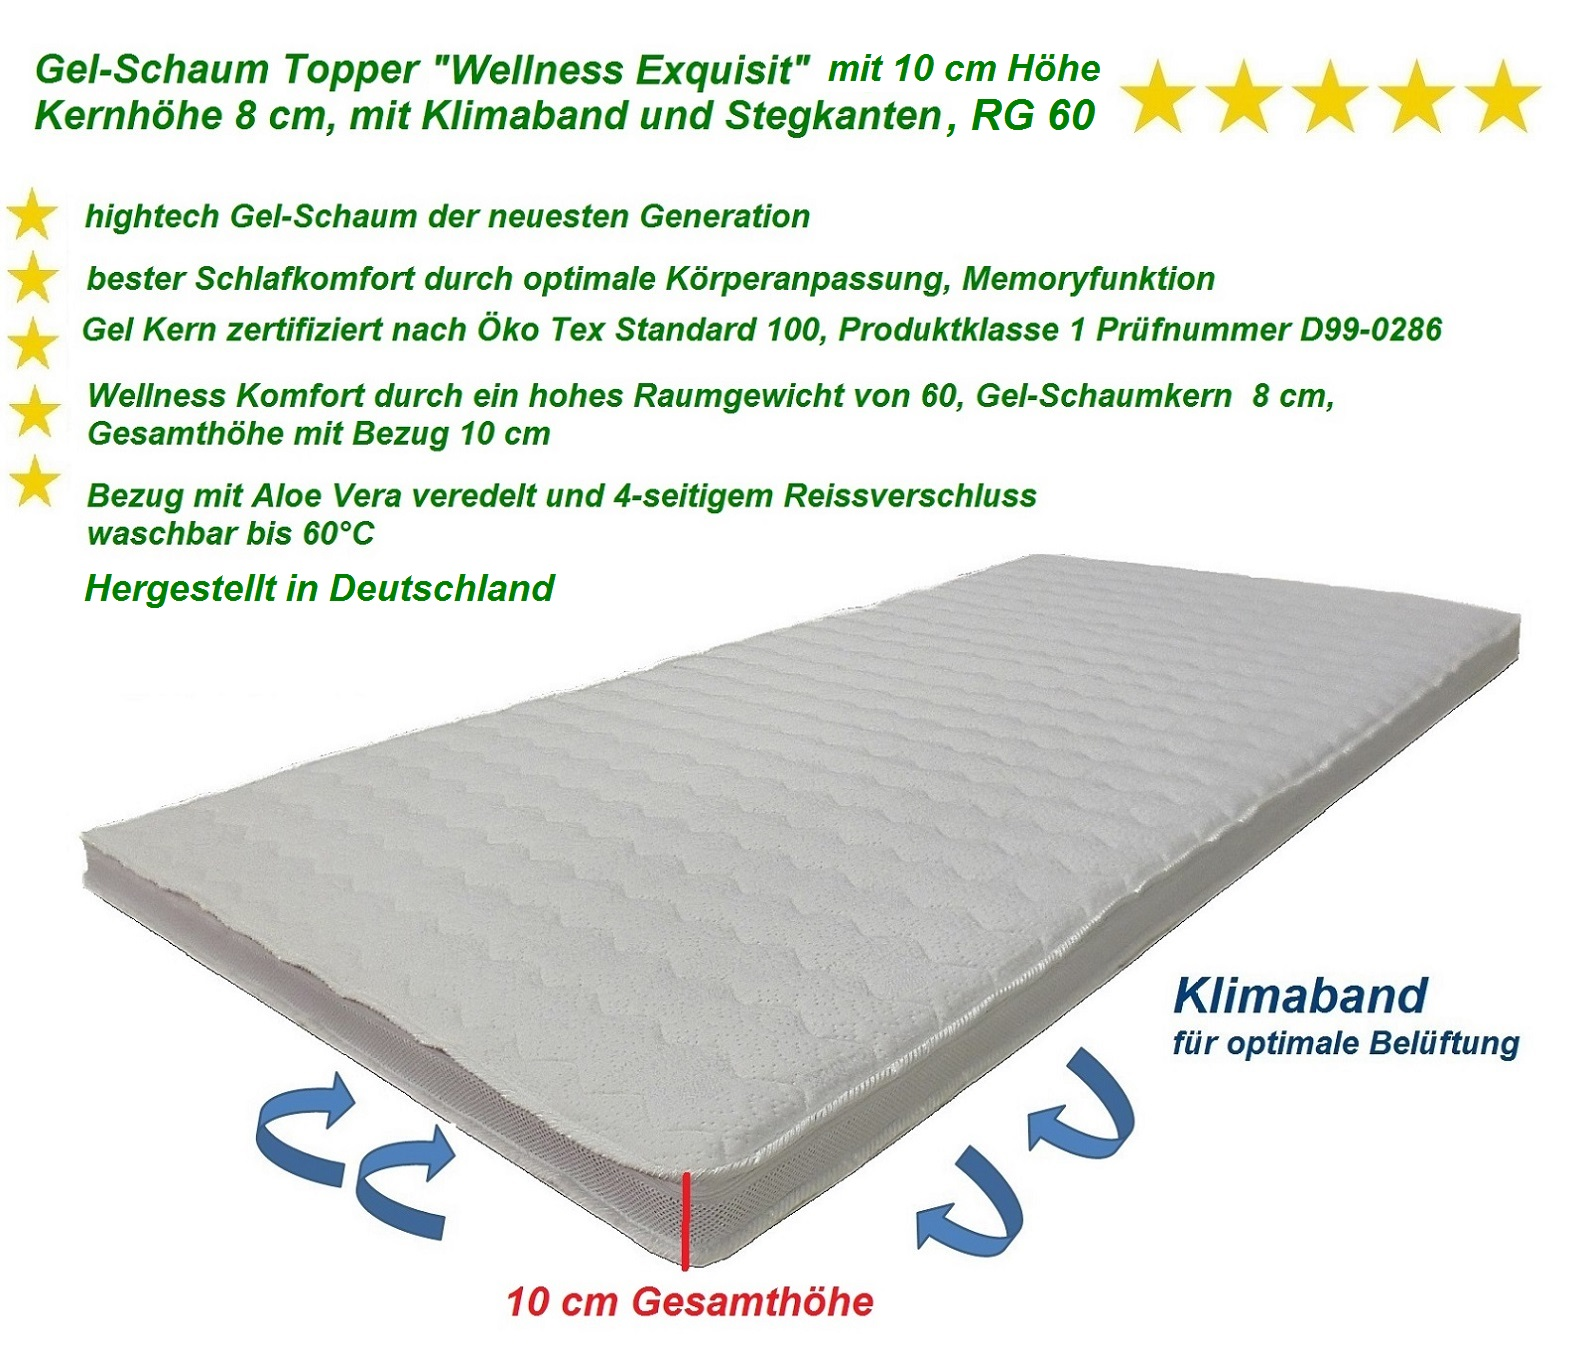 Wellness Exquisit Gel-Schaum Topper 160x200 cm Matratzenauflage Klimaband